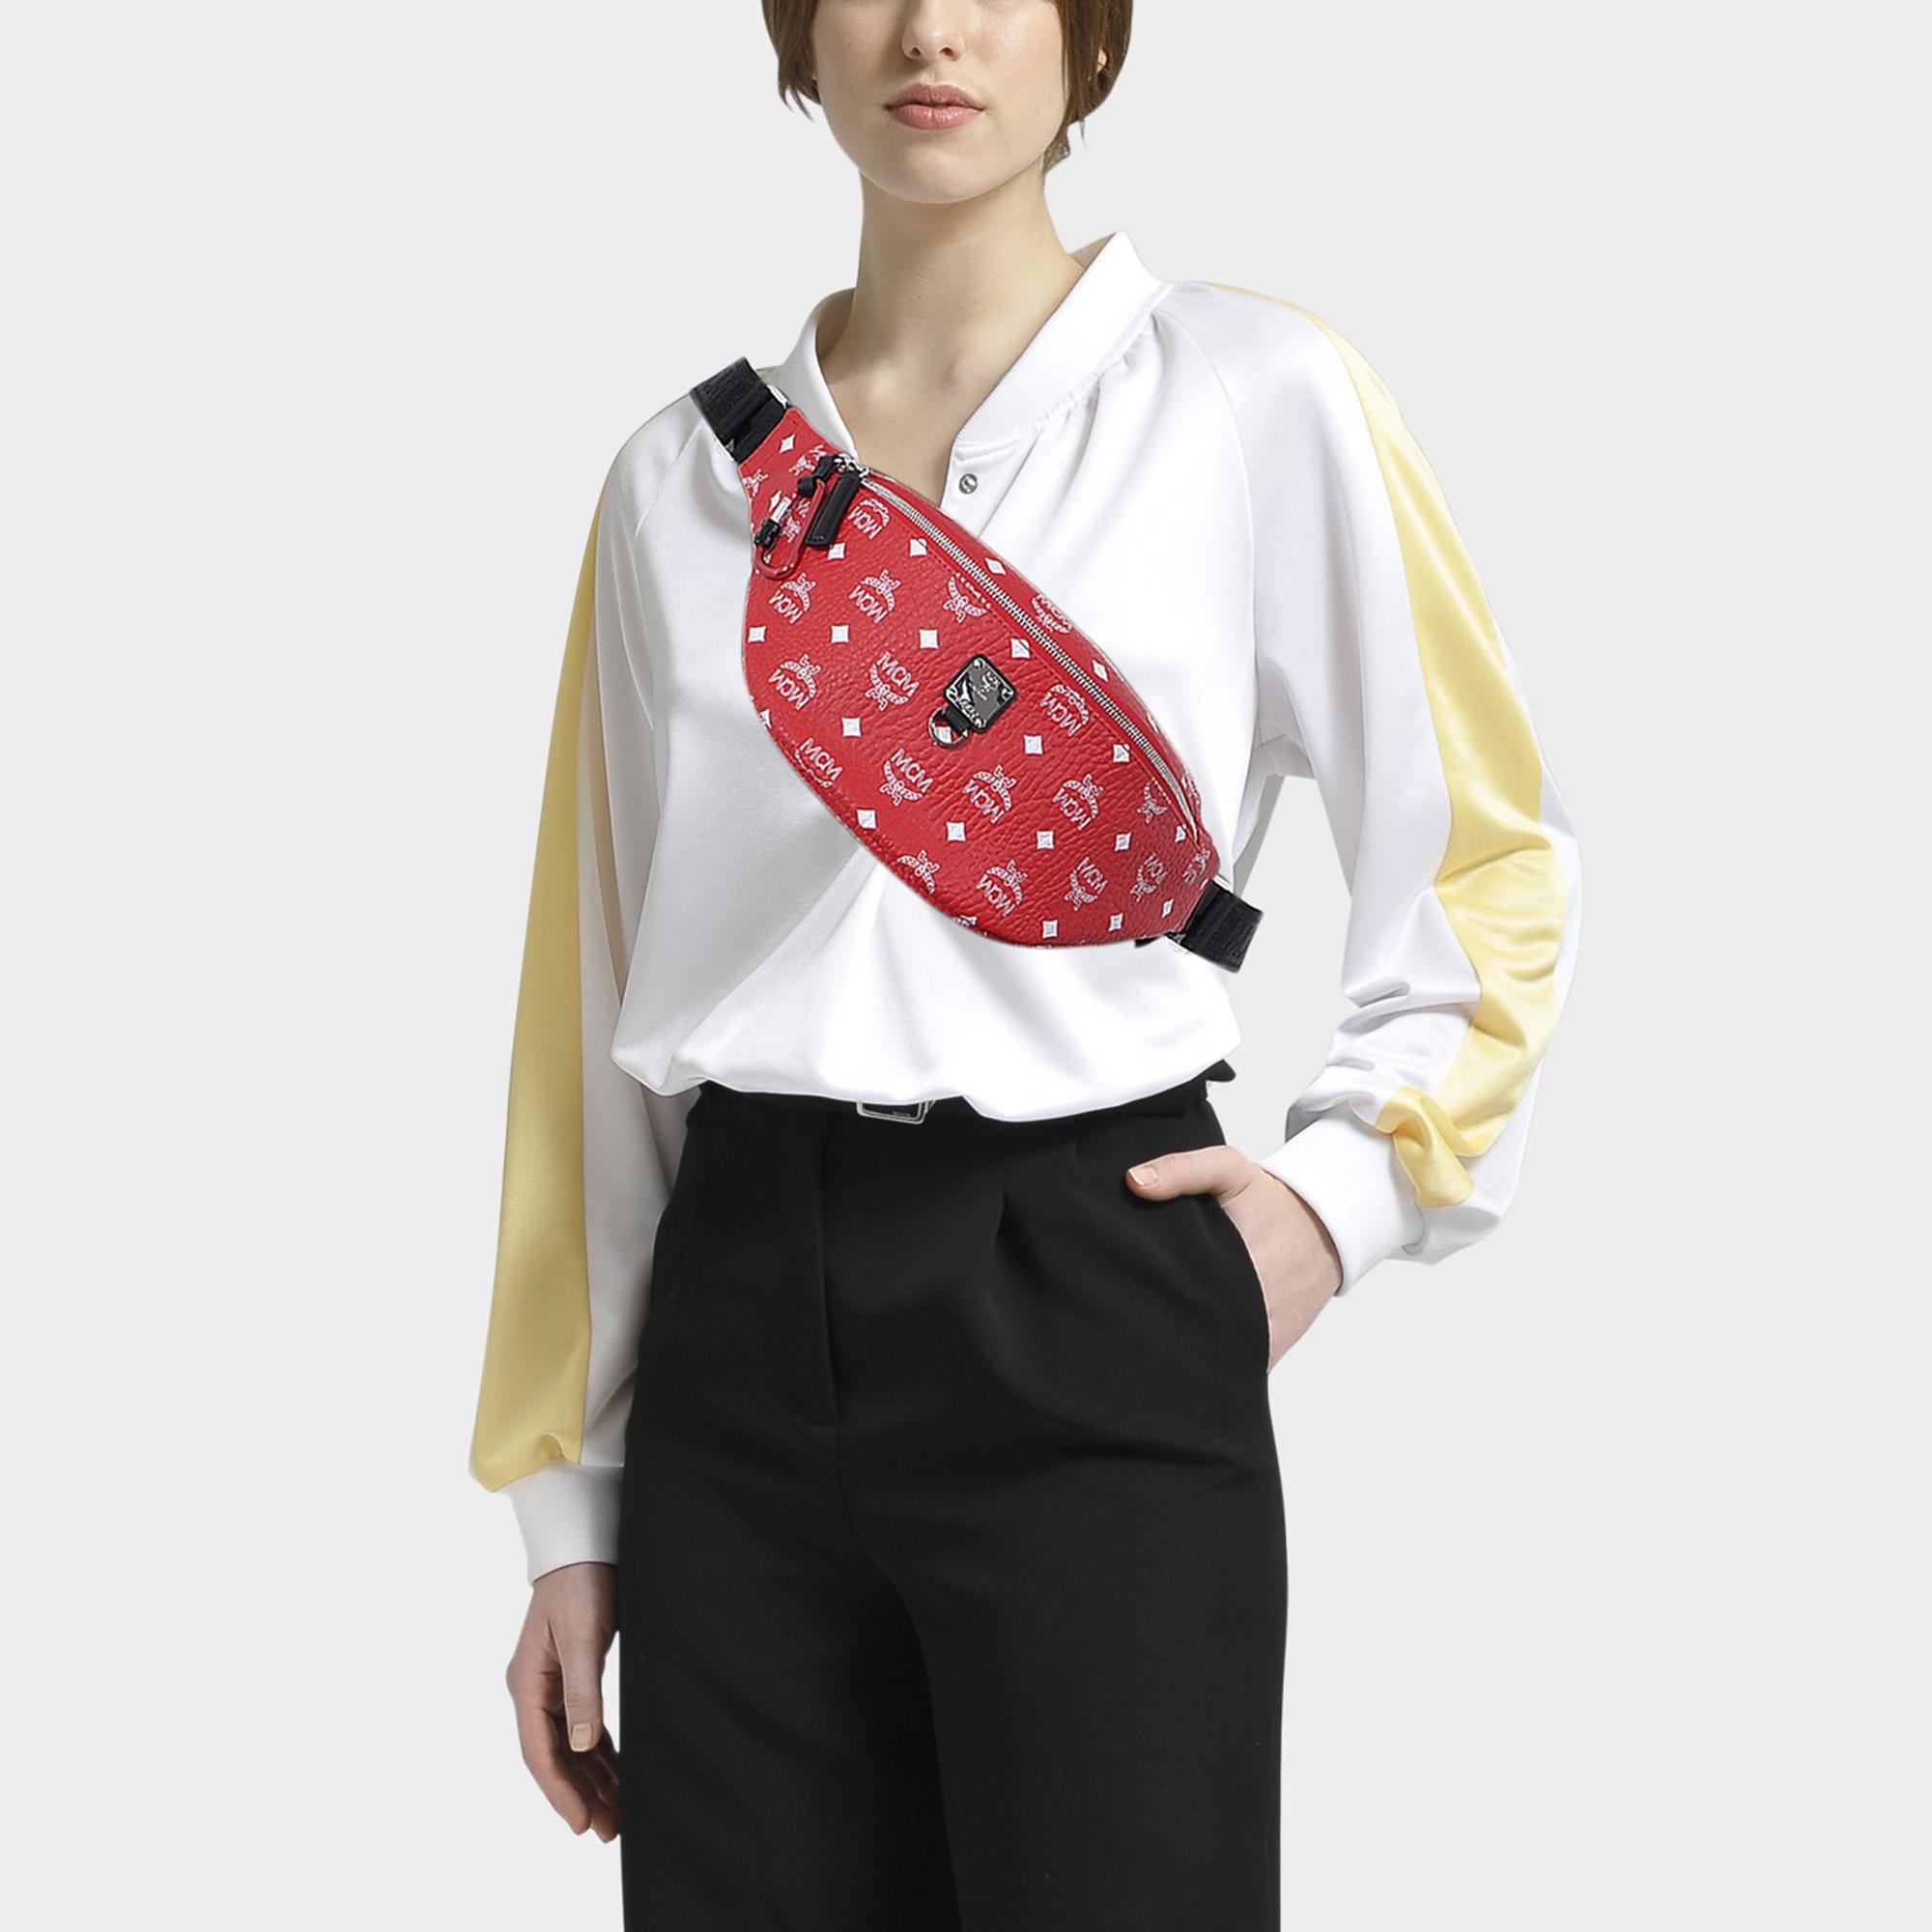 70f0a07539e95 MCM Fursten White Logo Visetos Medium Belt Bag In White Logo Viva ...